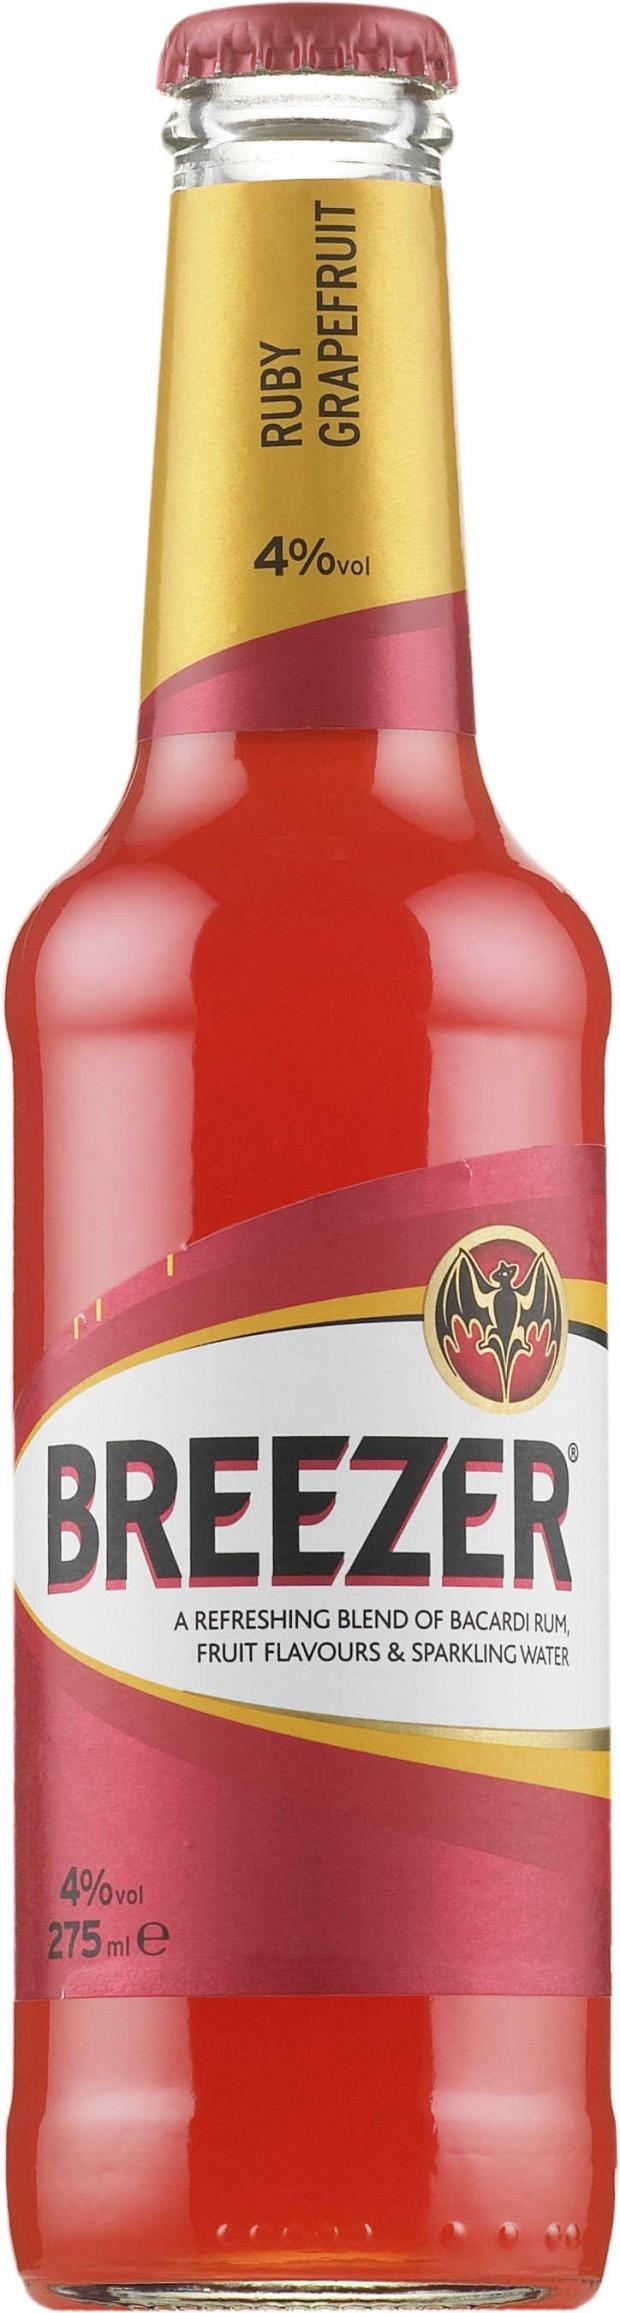 breezer-ruby